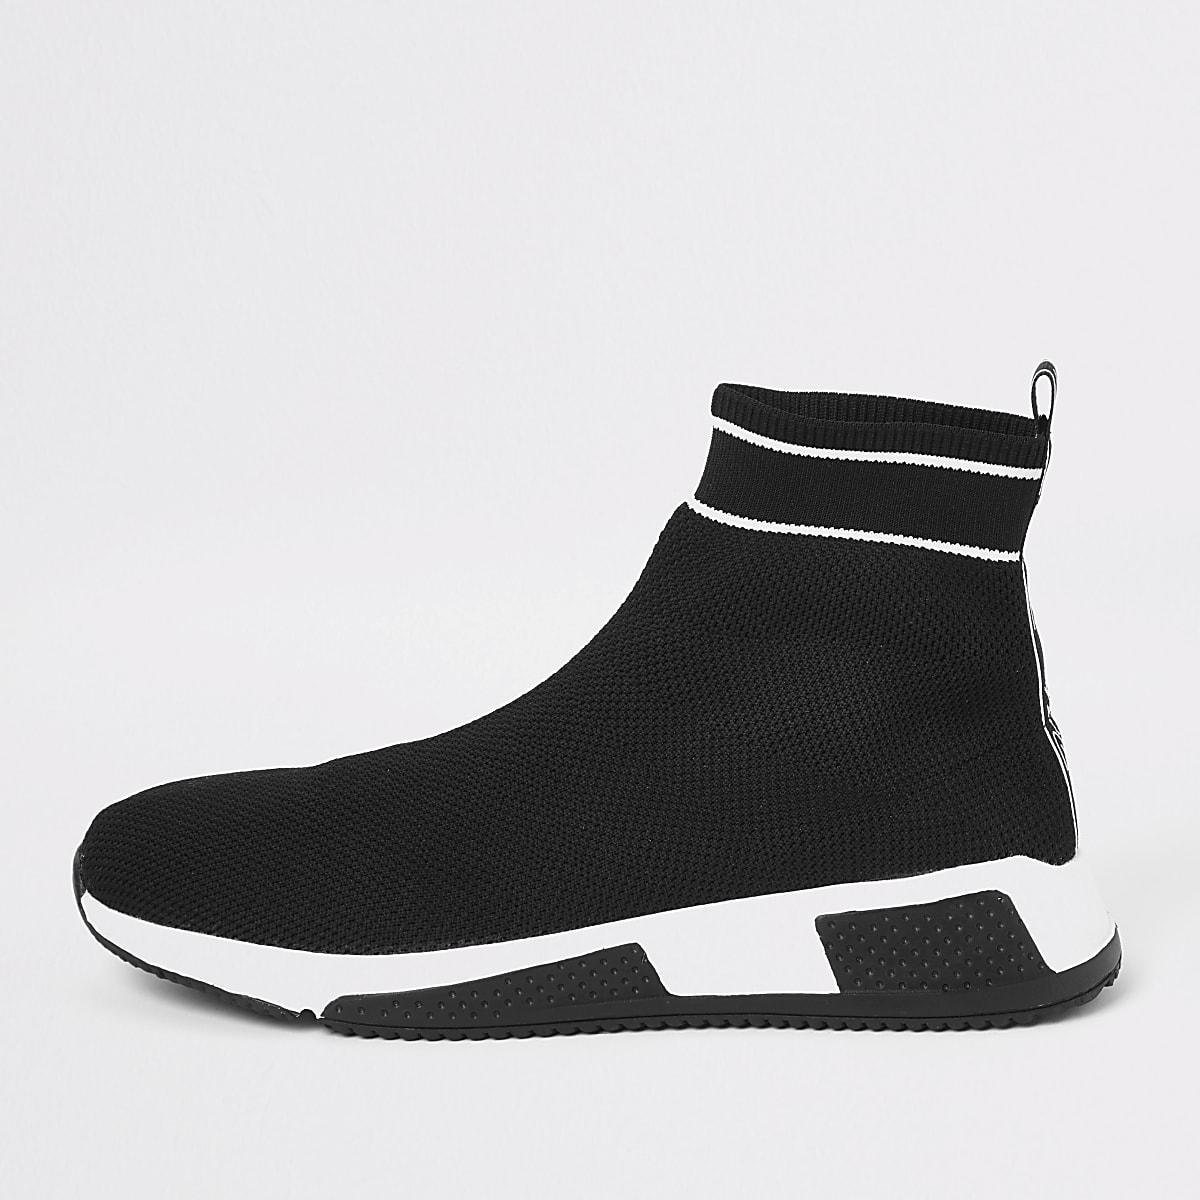 Baskets de course chaussettes «Prolific» noires